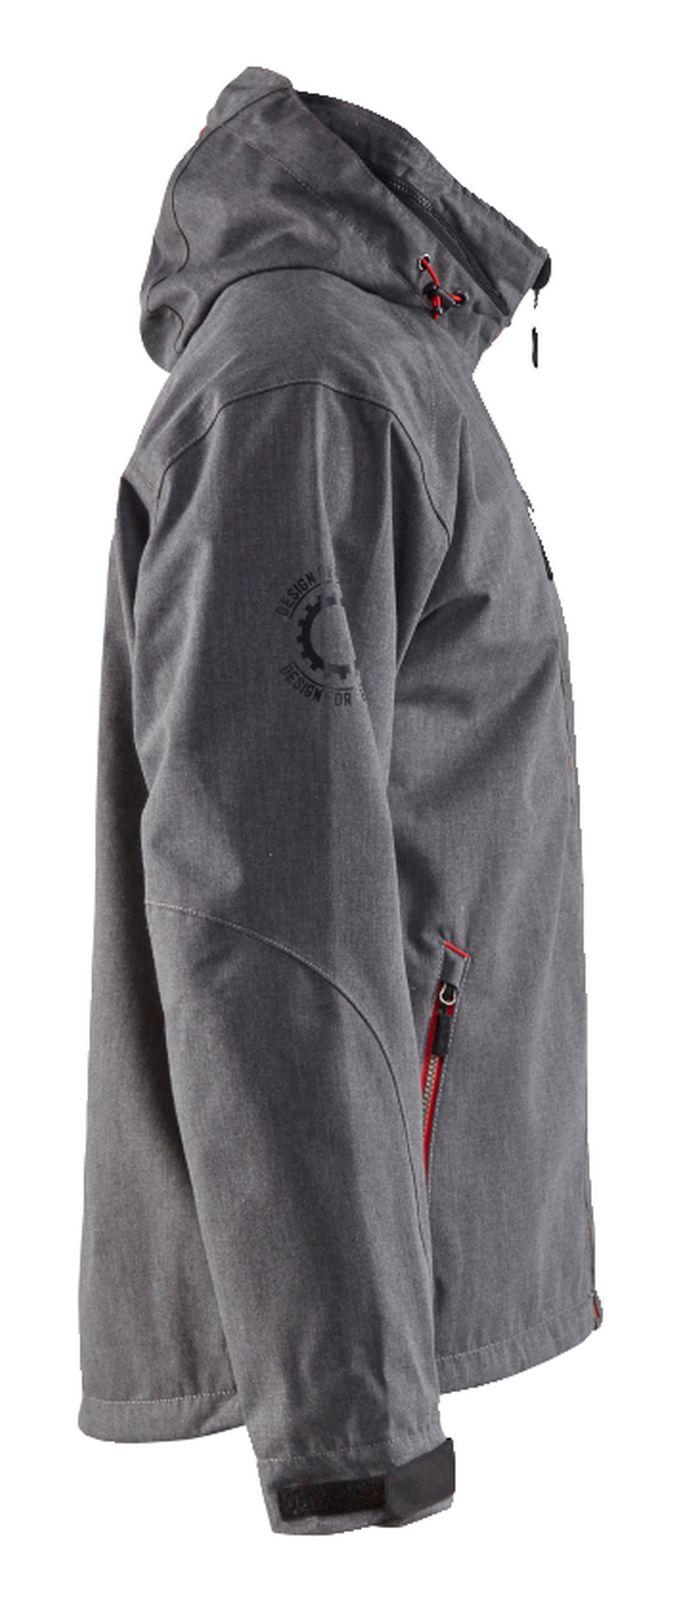 Blaklader Regenjacks 48681938 zwart melee-rood(9905)